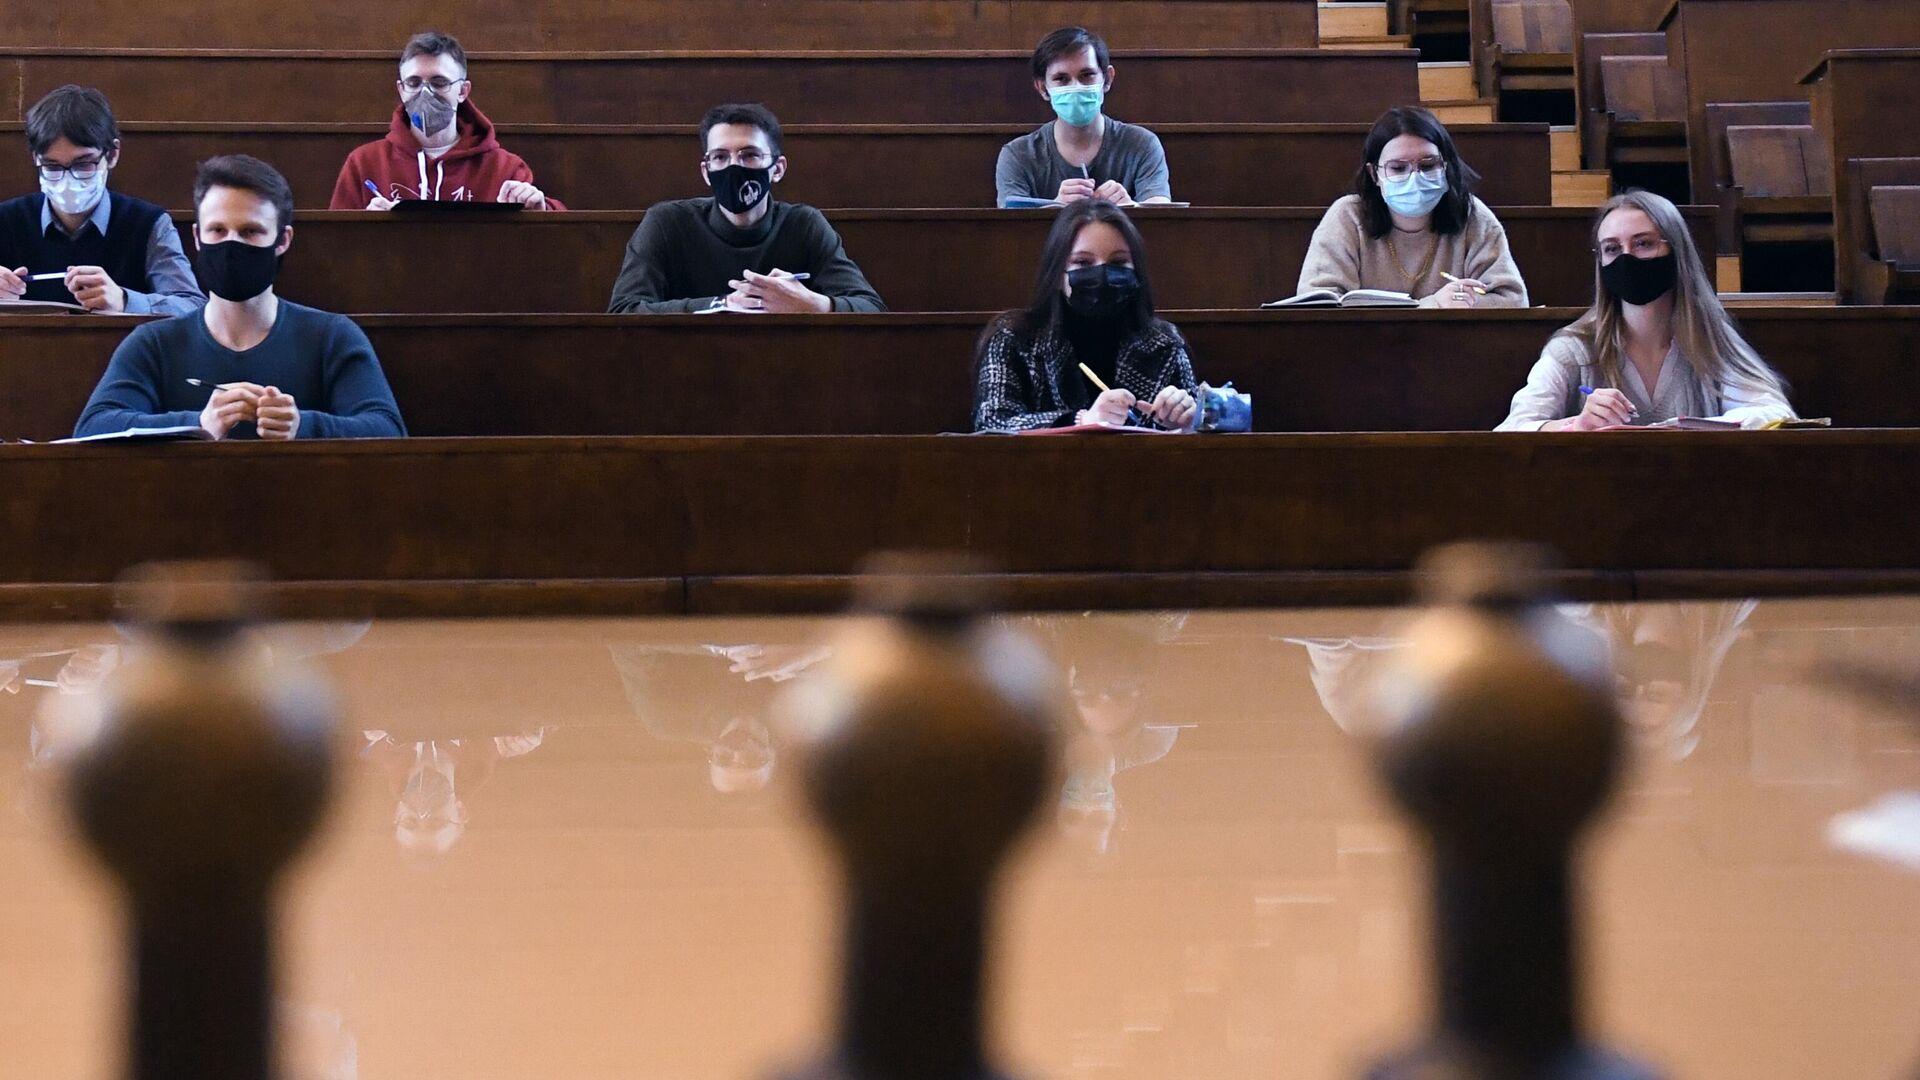 Студенты в защитных масках во время лекции в аудитории Московского государственного университета имени М. В. Ломоносова - РИА Новости, 1920, 28.08.2021